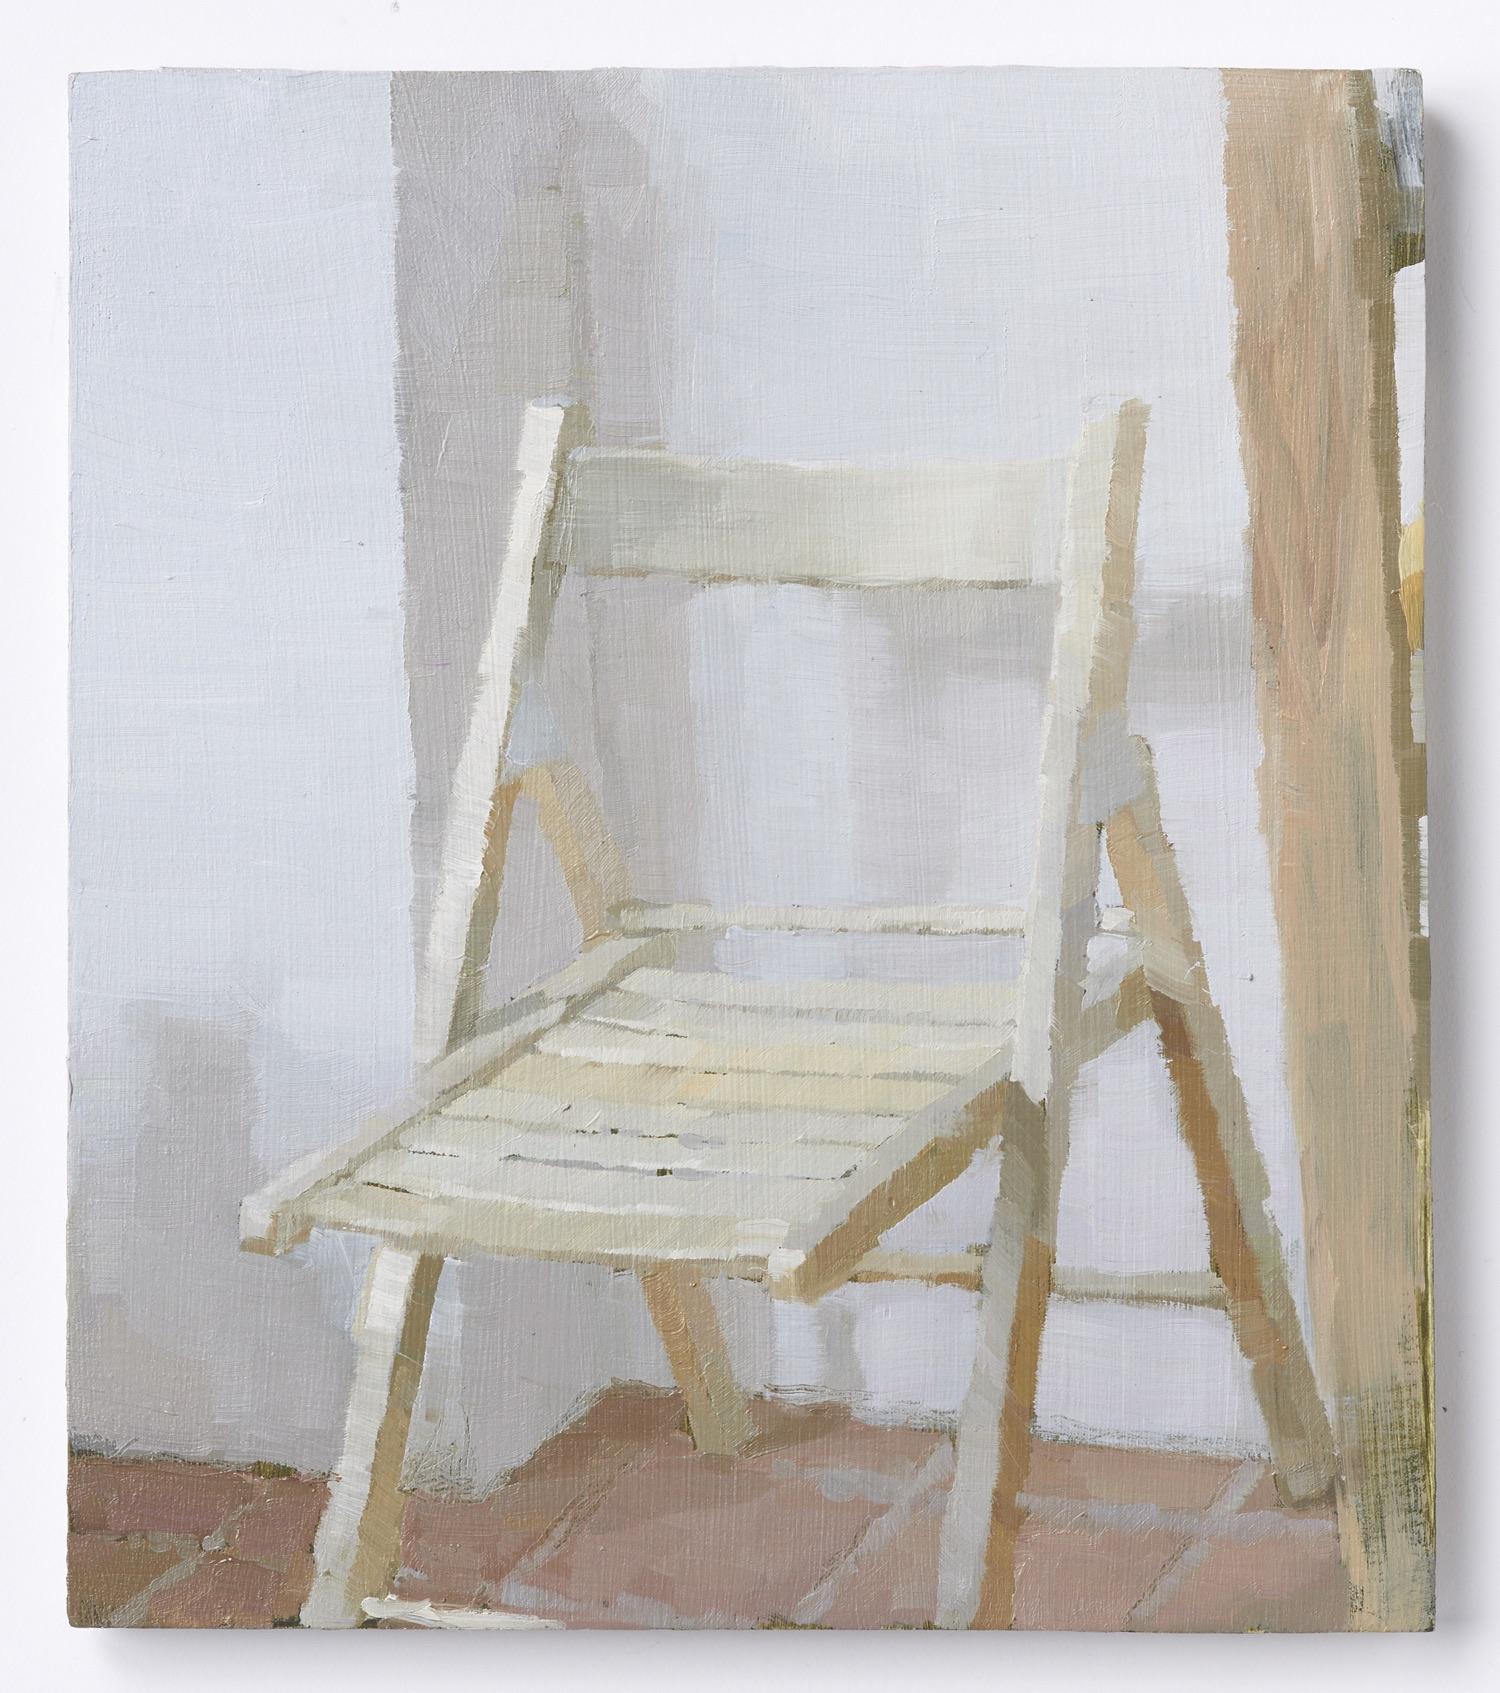 I rommet XI, 2018, Oil on plywood, 21 x 24 cm